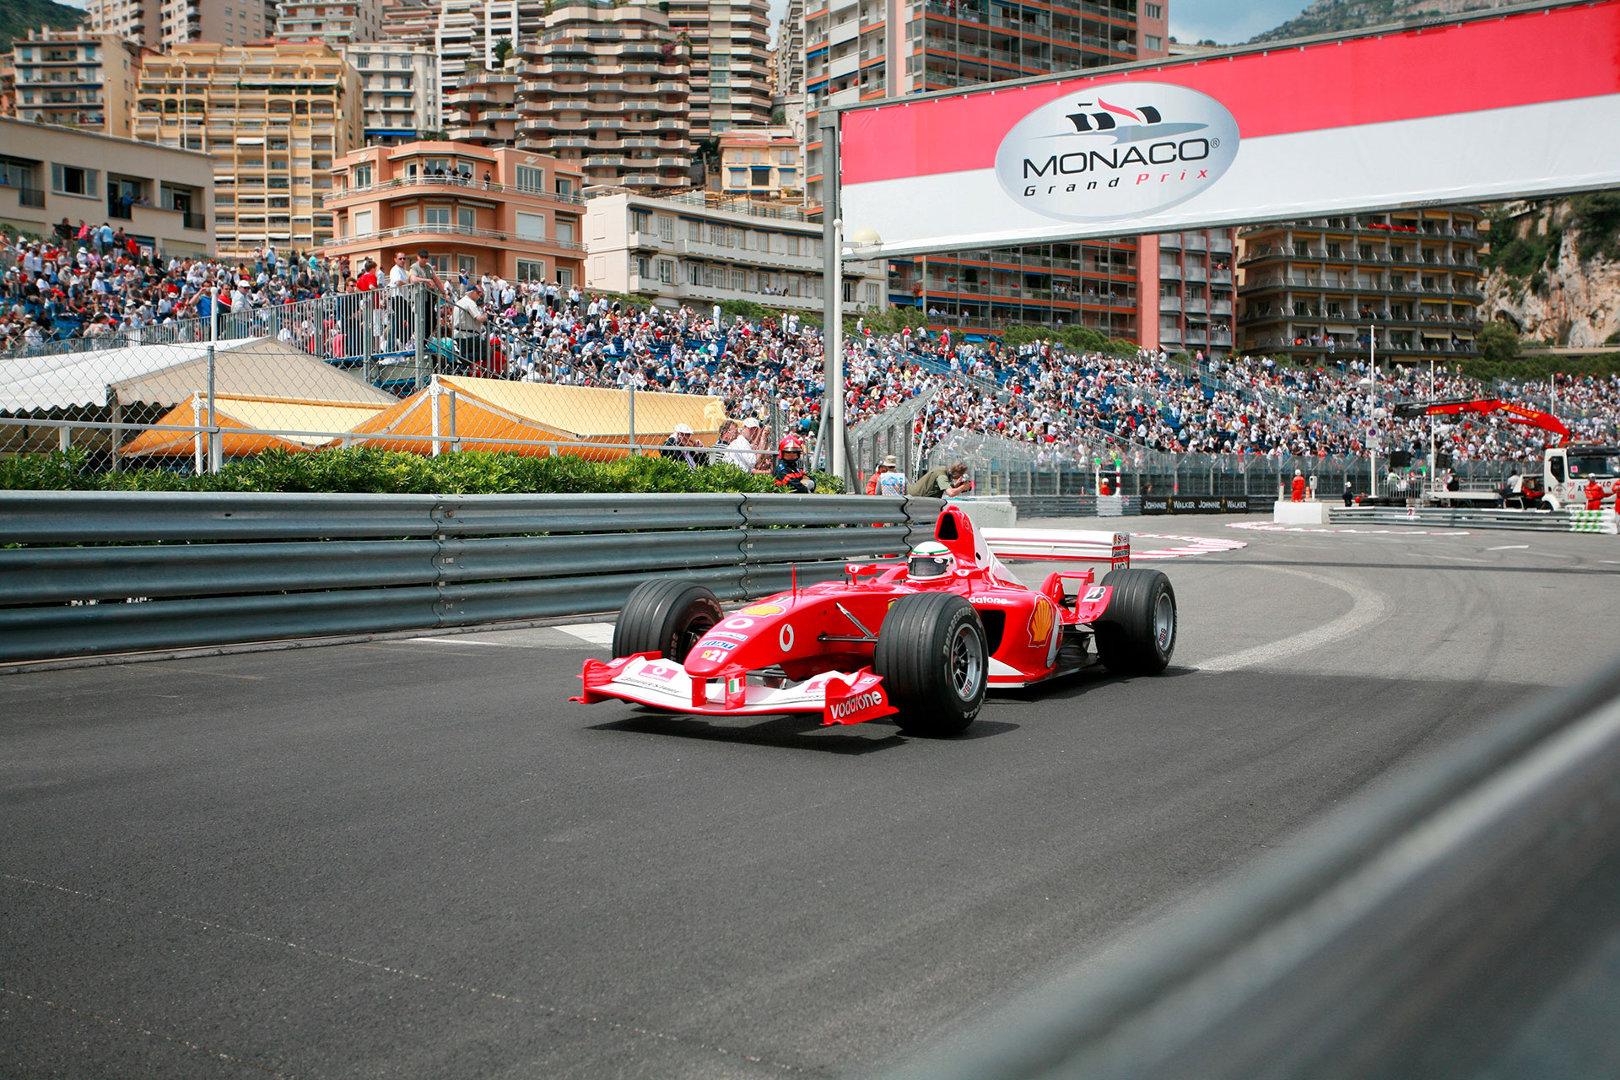 Власти Монако подтвердили проведение Гран-при, подготовка трассы началась!